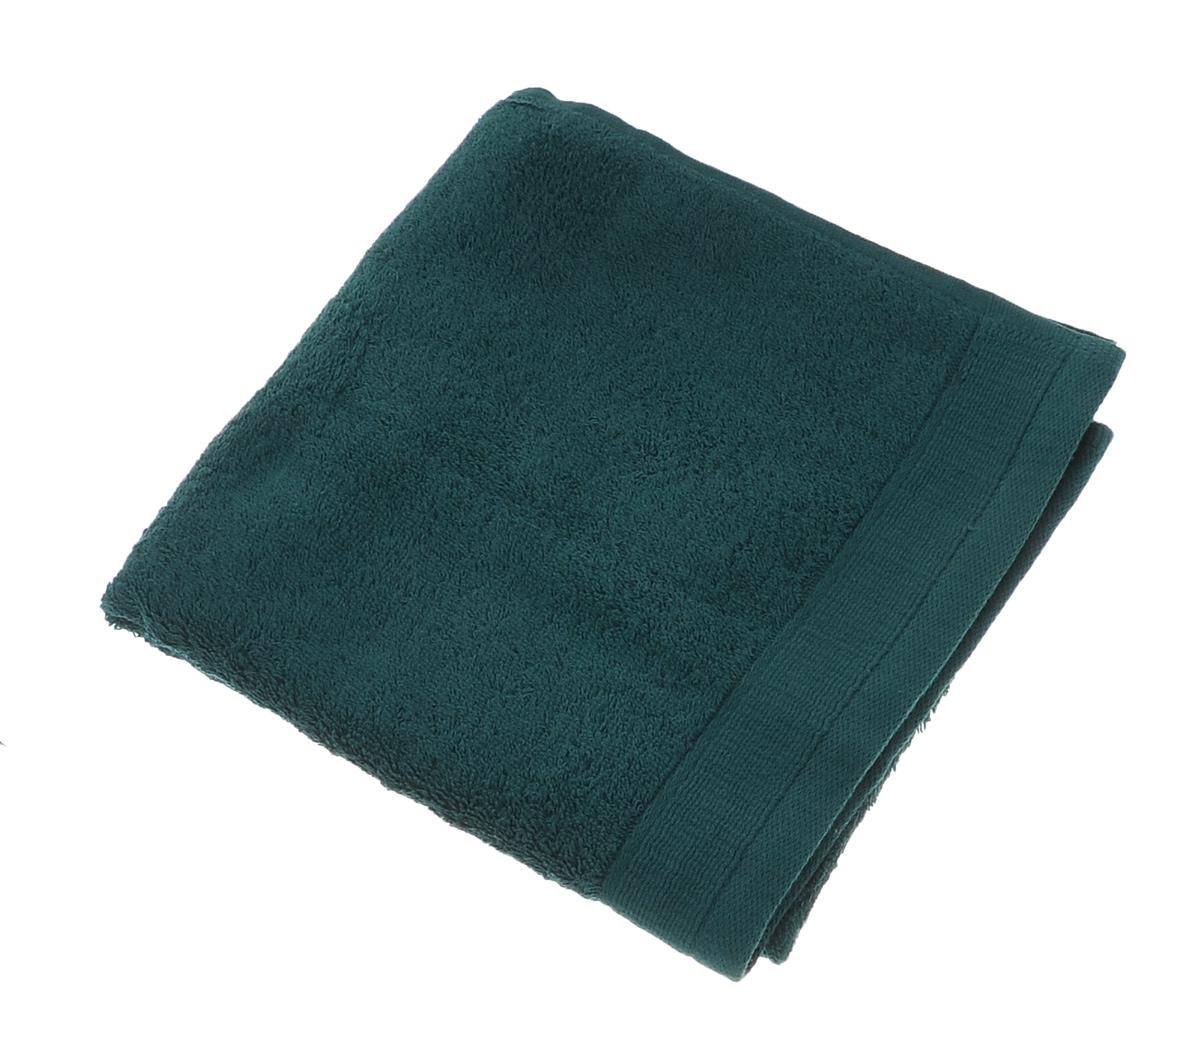 Полотенце махровое Guten Morgen, цвет: темно-зеленый, 50 см х 100 см84551Махровое полотенце Guten Morgen, изготовленное из натурального хлопка, прекрасно впитывает влагу и быстро сохнет. Высокая плотность ткани делает полотенце мягкими, прочными и пушистыми. При соблюдении рекомендаций по уходу изделие сохраняет яркость цвета и не теряет форму даже после многократных стирок. Махровое полотенце Guten Morgen станет достойным выбором для вас и приятным подарком для ваших близких. Мягкость и высокое качество материала, из которого изготовлено полотенце, не оставит вас равнодушными.